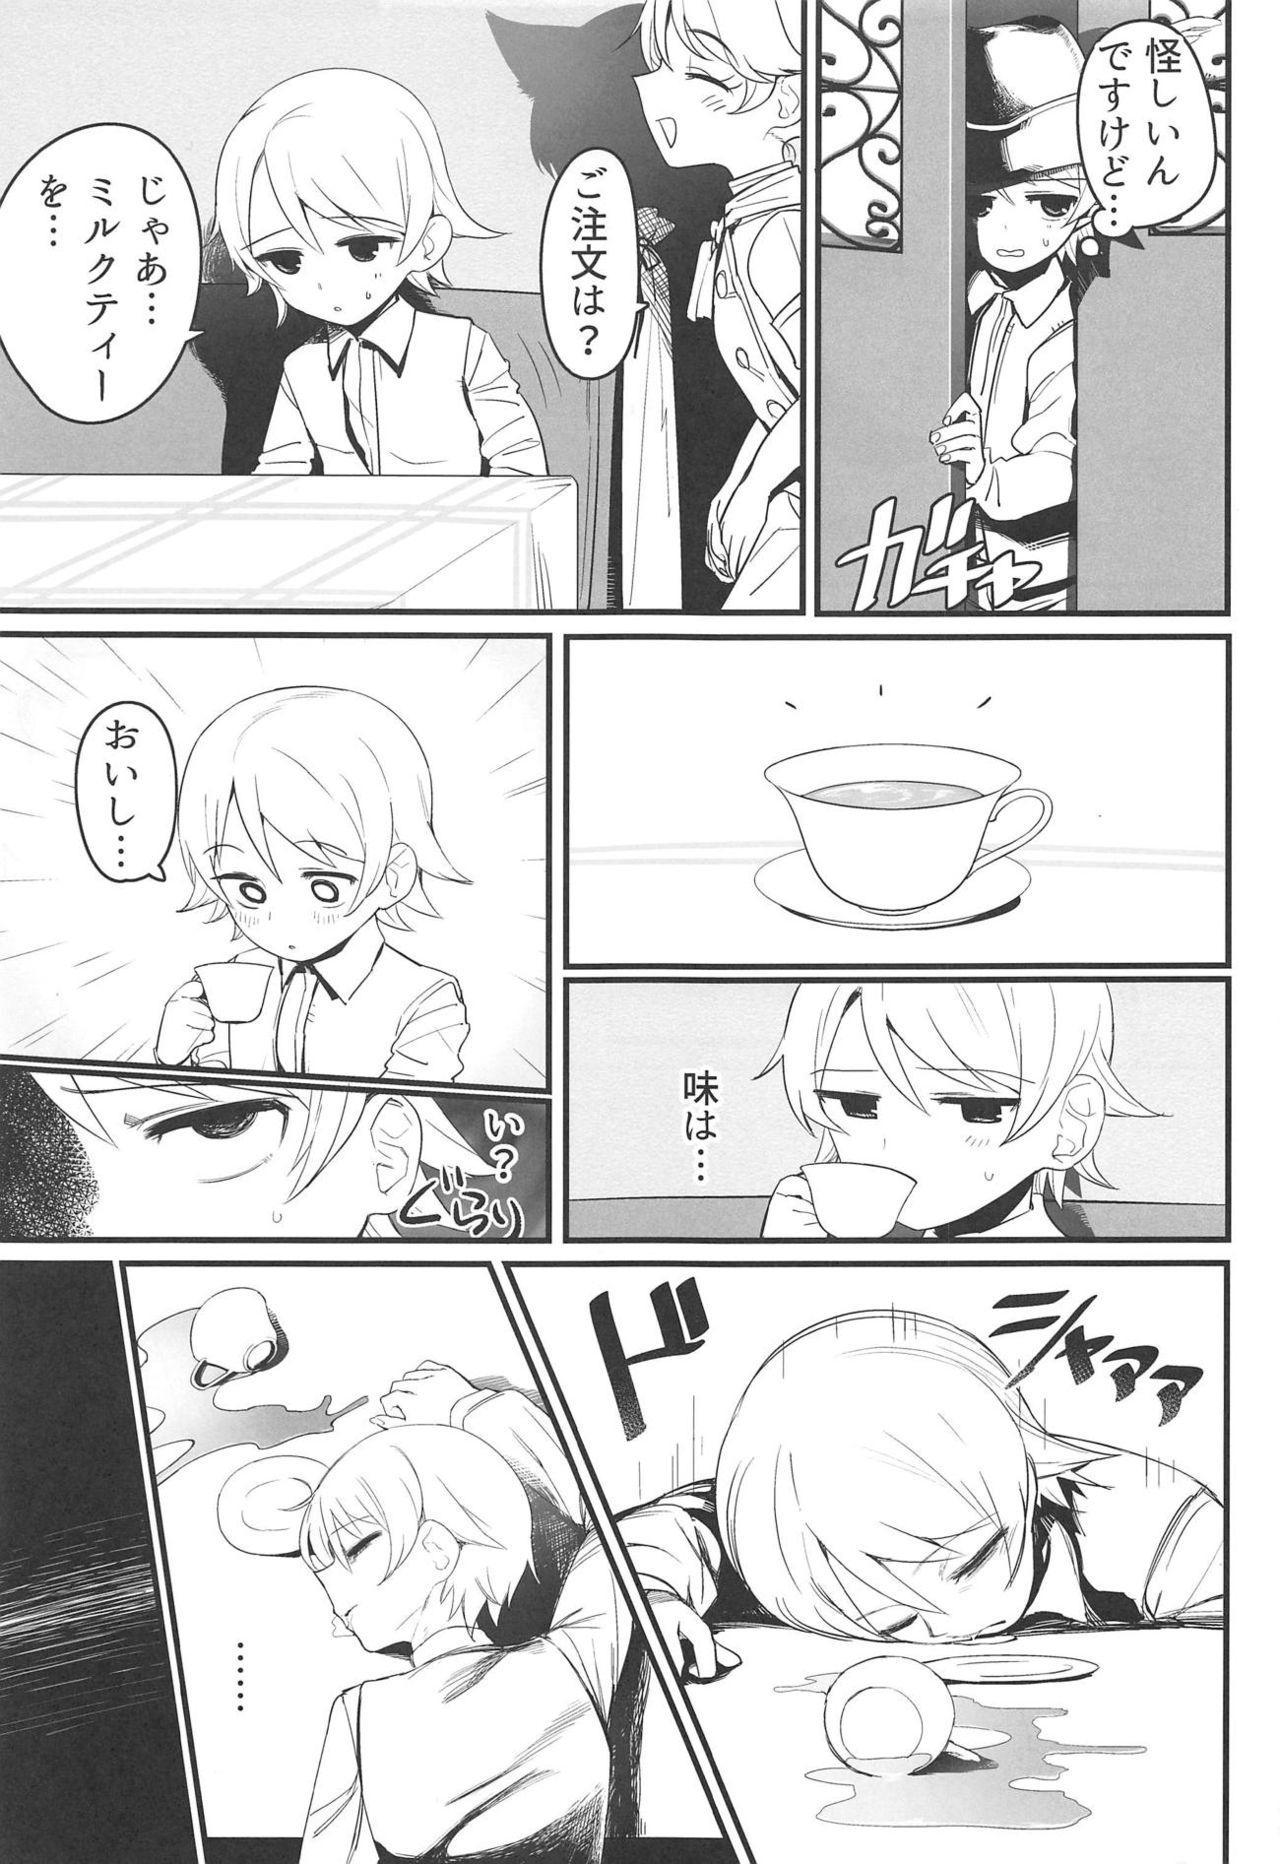 Morikubo Ecchi's Night 3